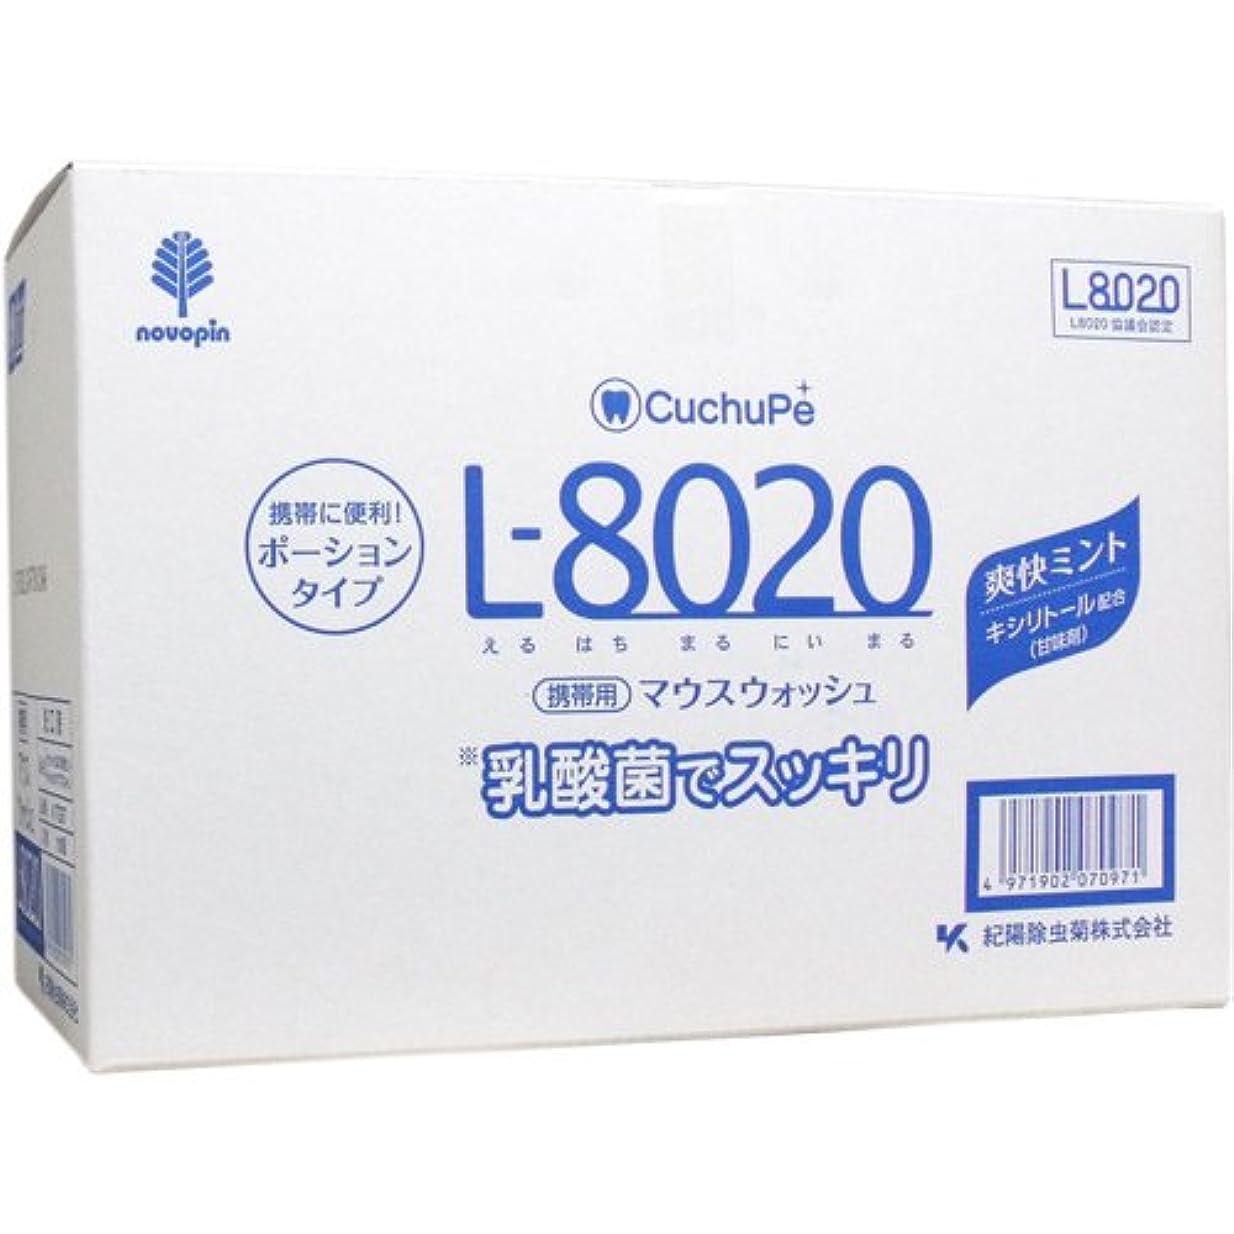 限定摂氏当社クチュッペ L-8020 マウスウォッシュ 爽快ミント ポーションタイプ 100個入